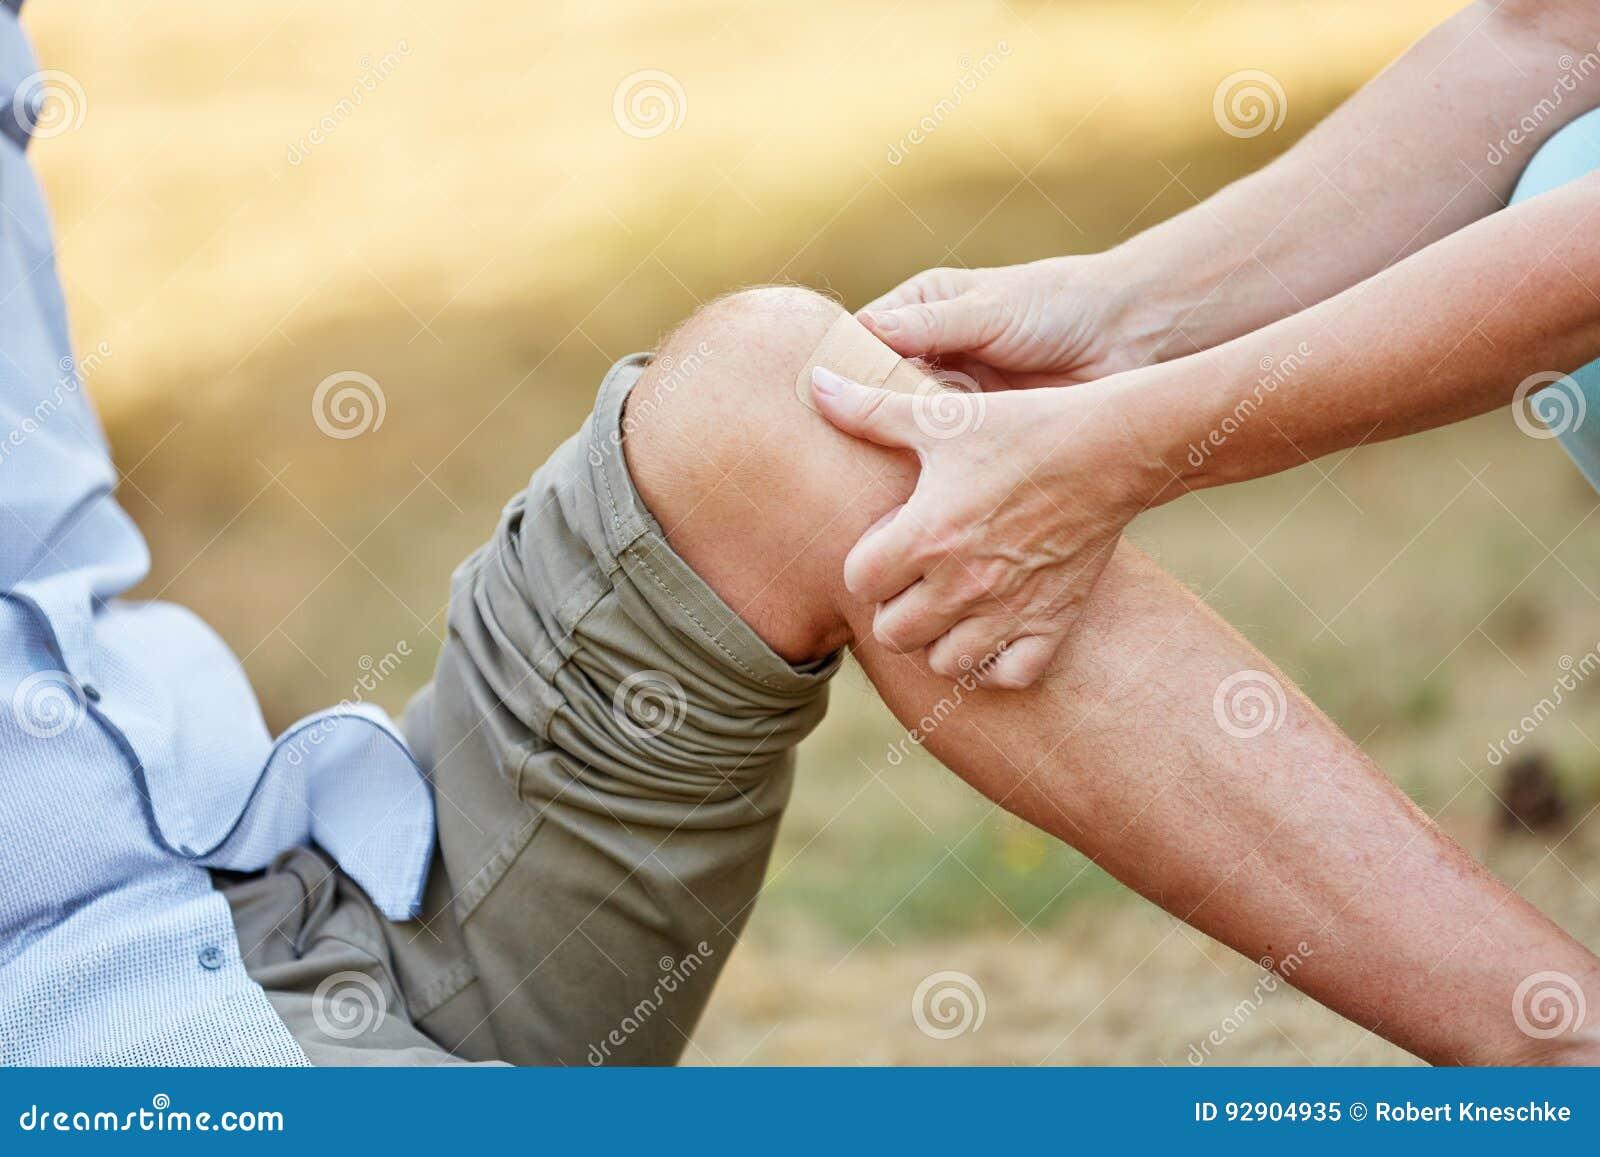 Η γυναίκα βάζει μια ενίσχυση ζωνών σε ένα τραυματισμένο γόνατο